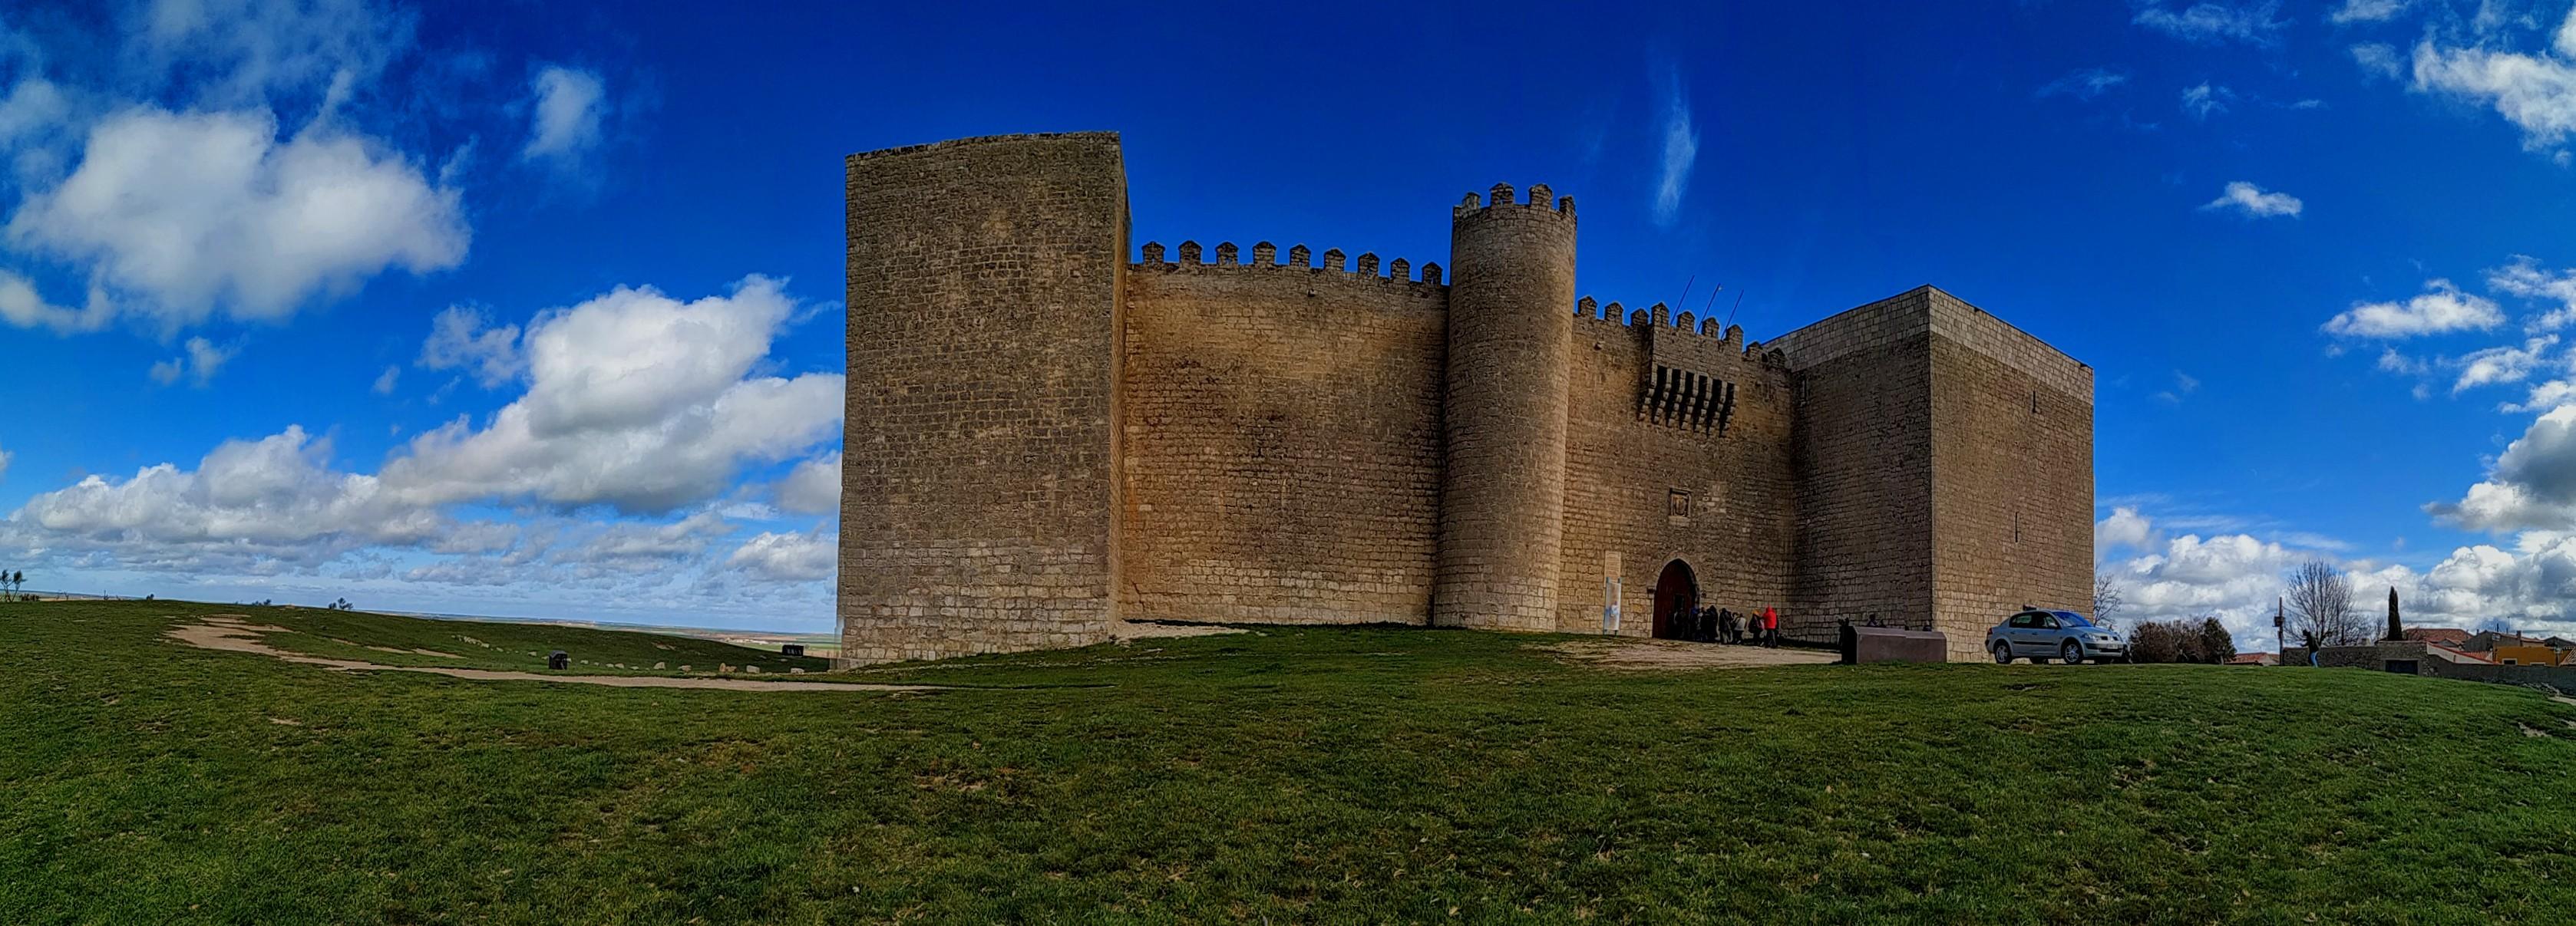 Castillo de Montealegre provincia de Valladolid, Castilla y León, España